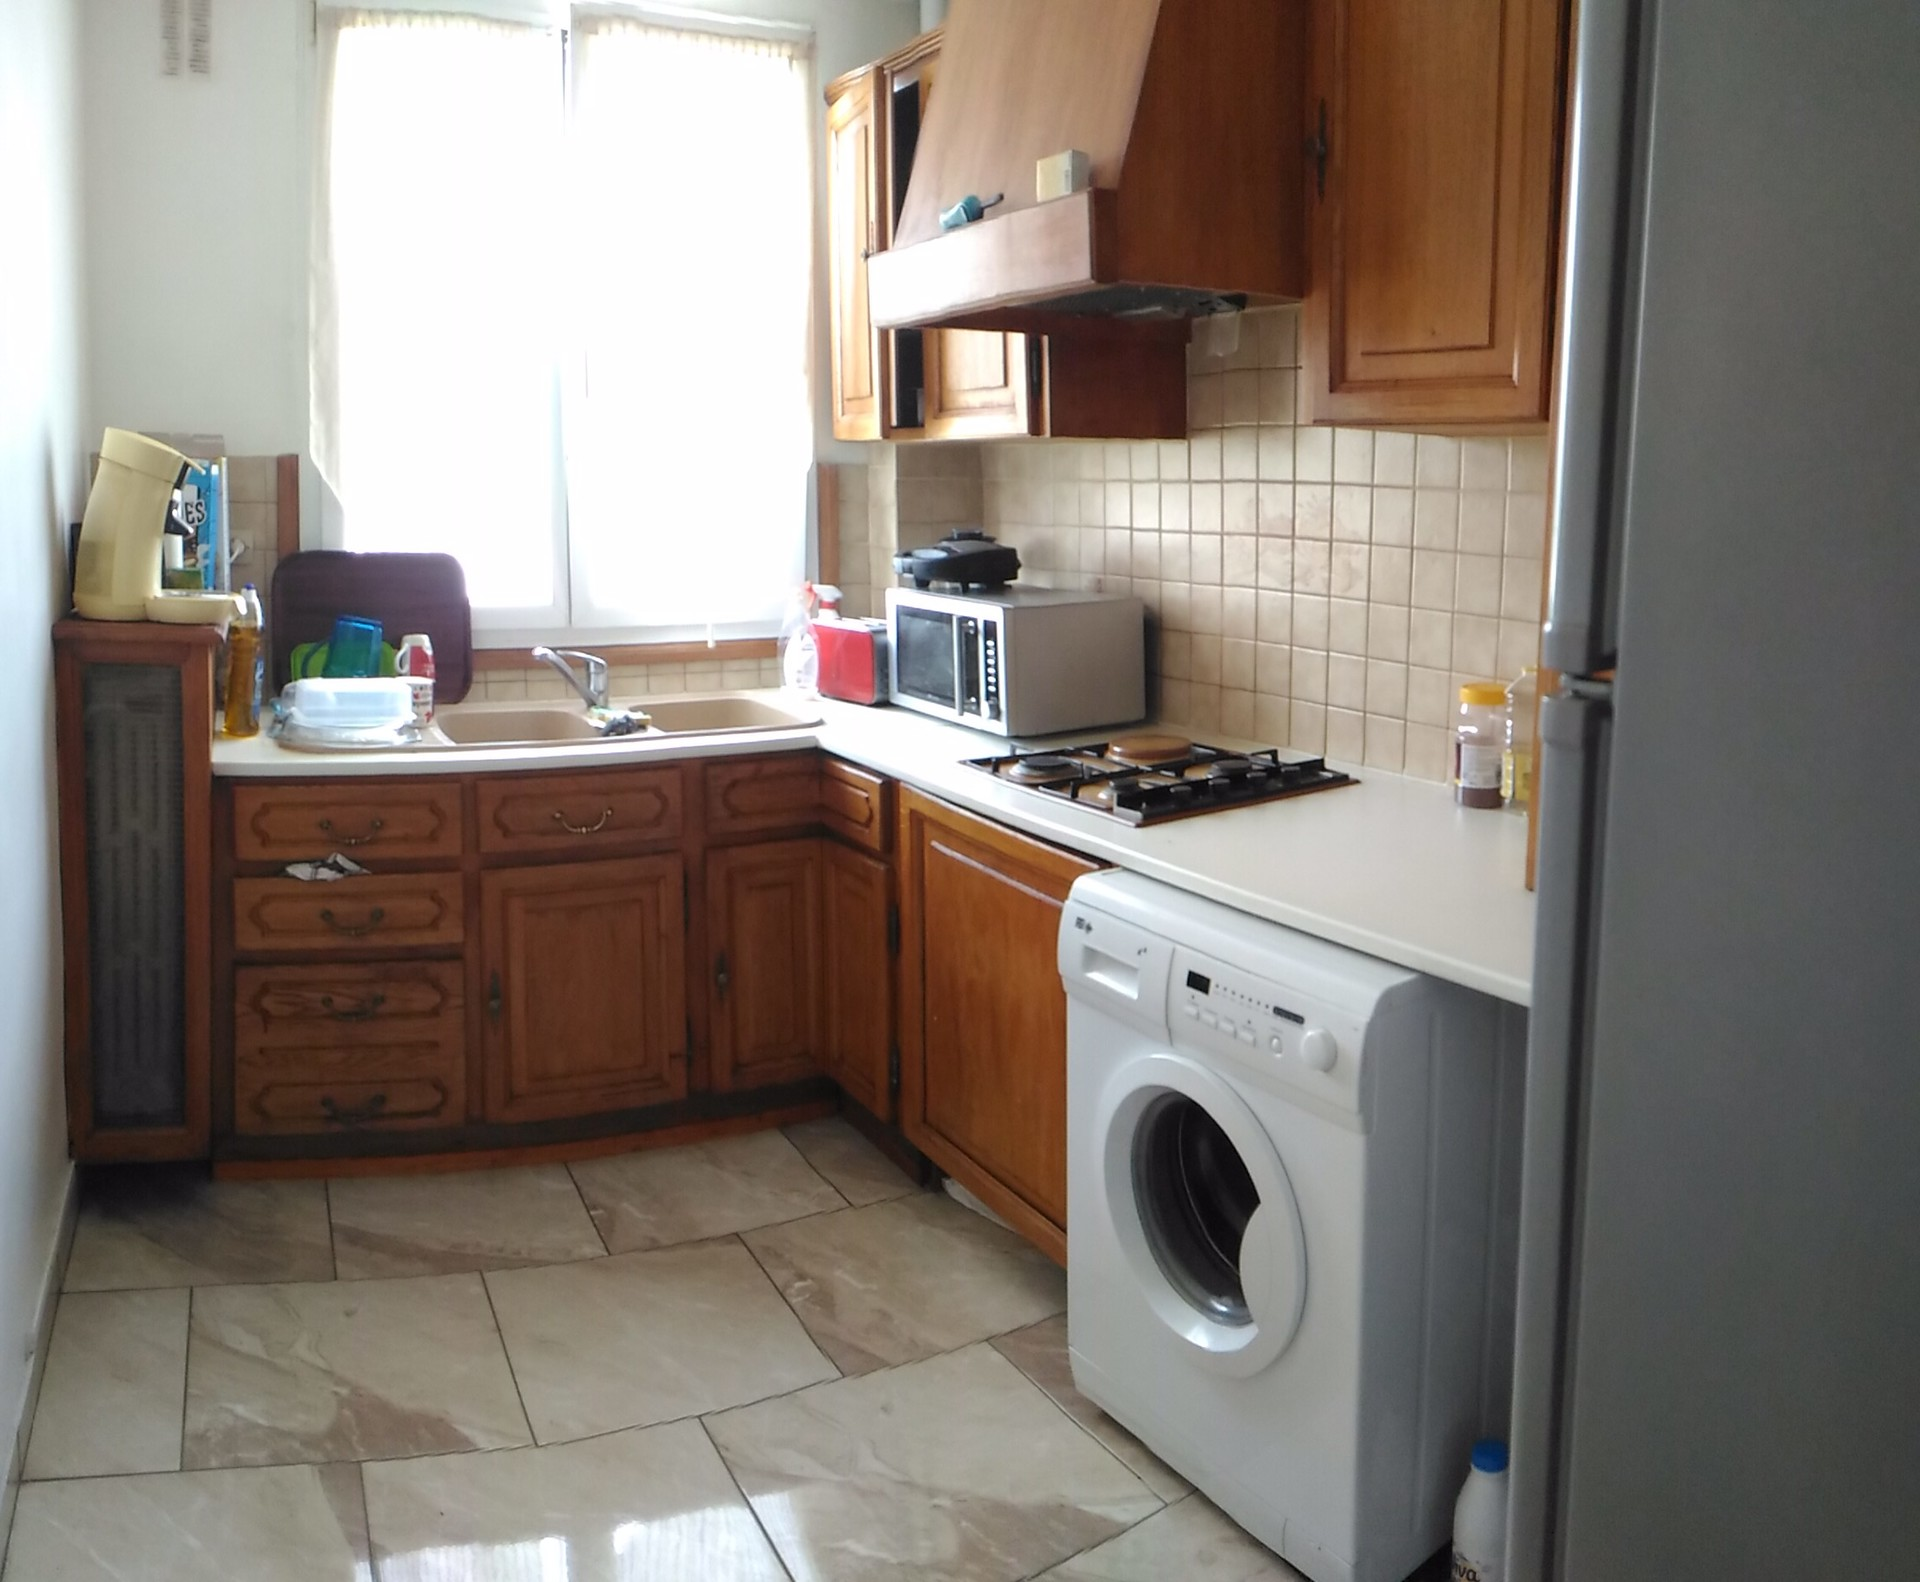 Chambre dans un appartement 75m2 region parisienne